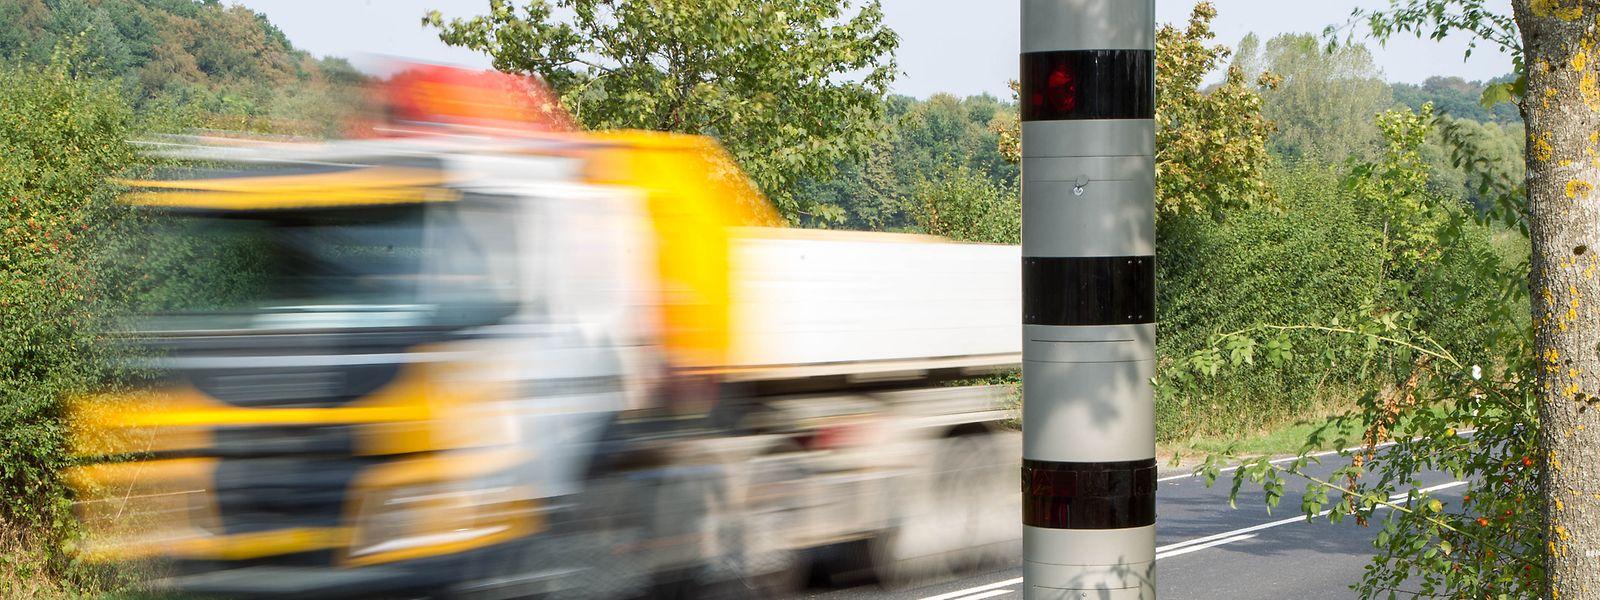 Le premier radar tronçon, installé en décembre 2019, a déjà flashé 7.250 usagers de la route sur les 3,8 kilomètres qu'il contrôle entre  Waldhof et Gonderingen.